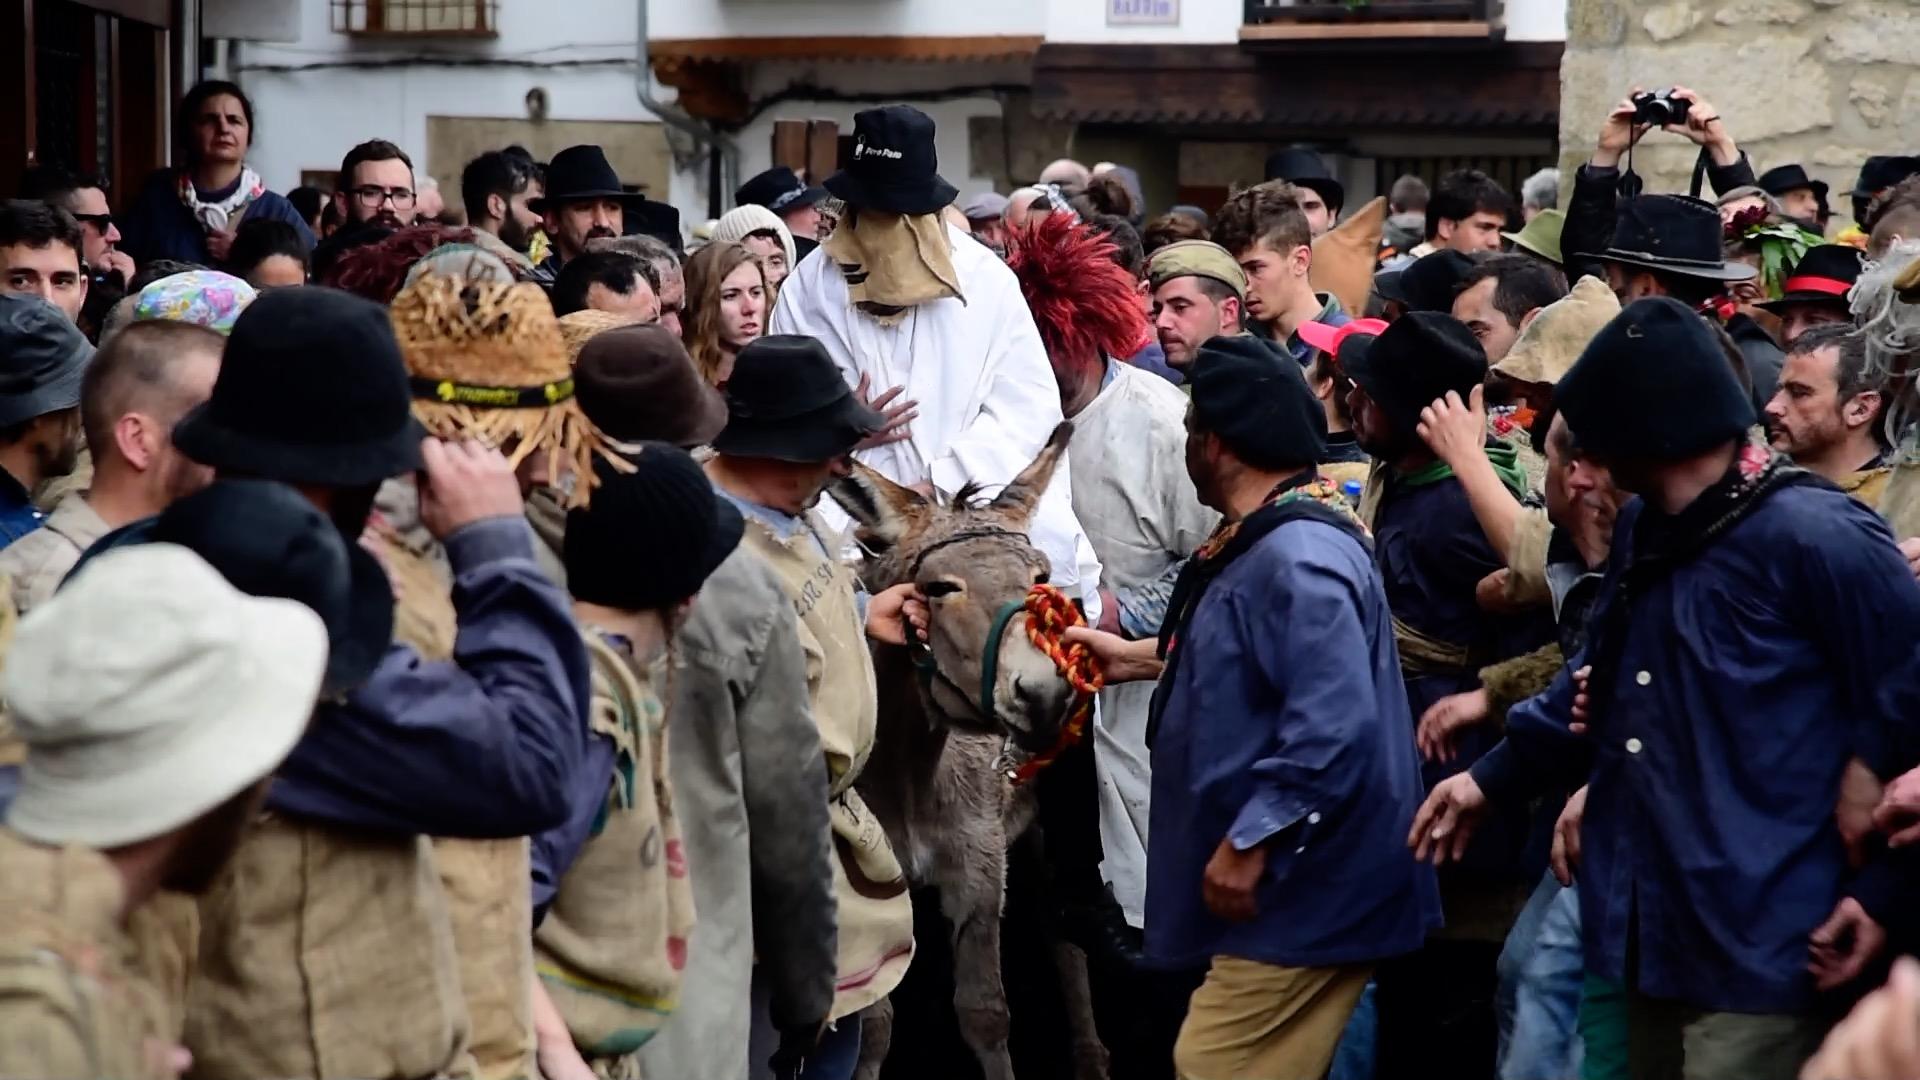 Un burro maltratado en nombre de la tradición. ¡Ayúdanos a decir basta!